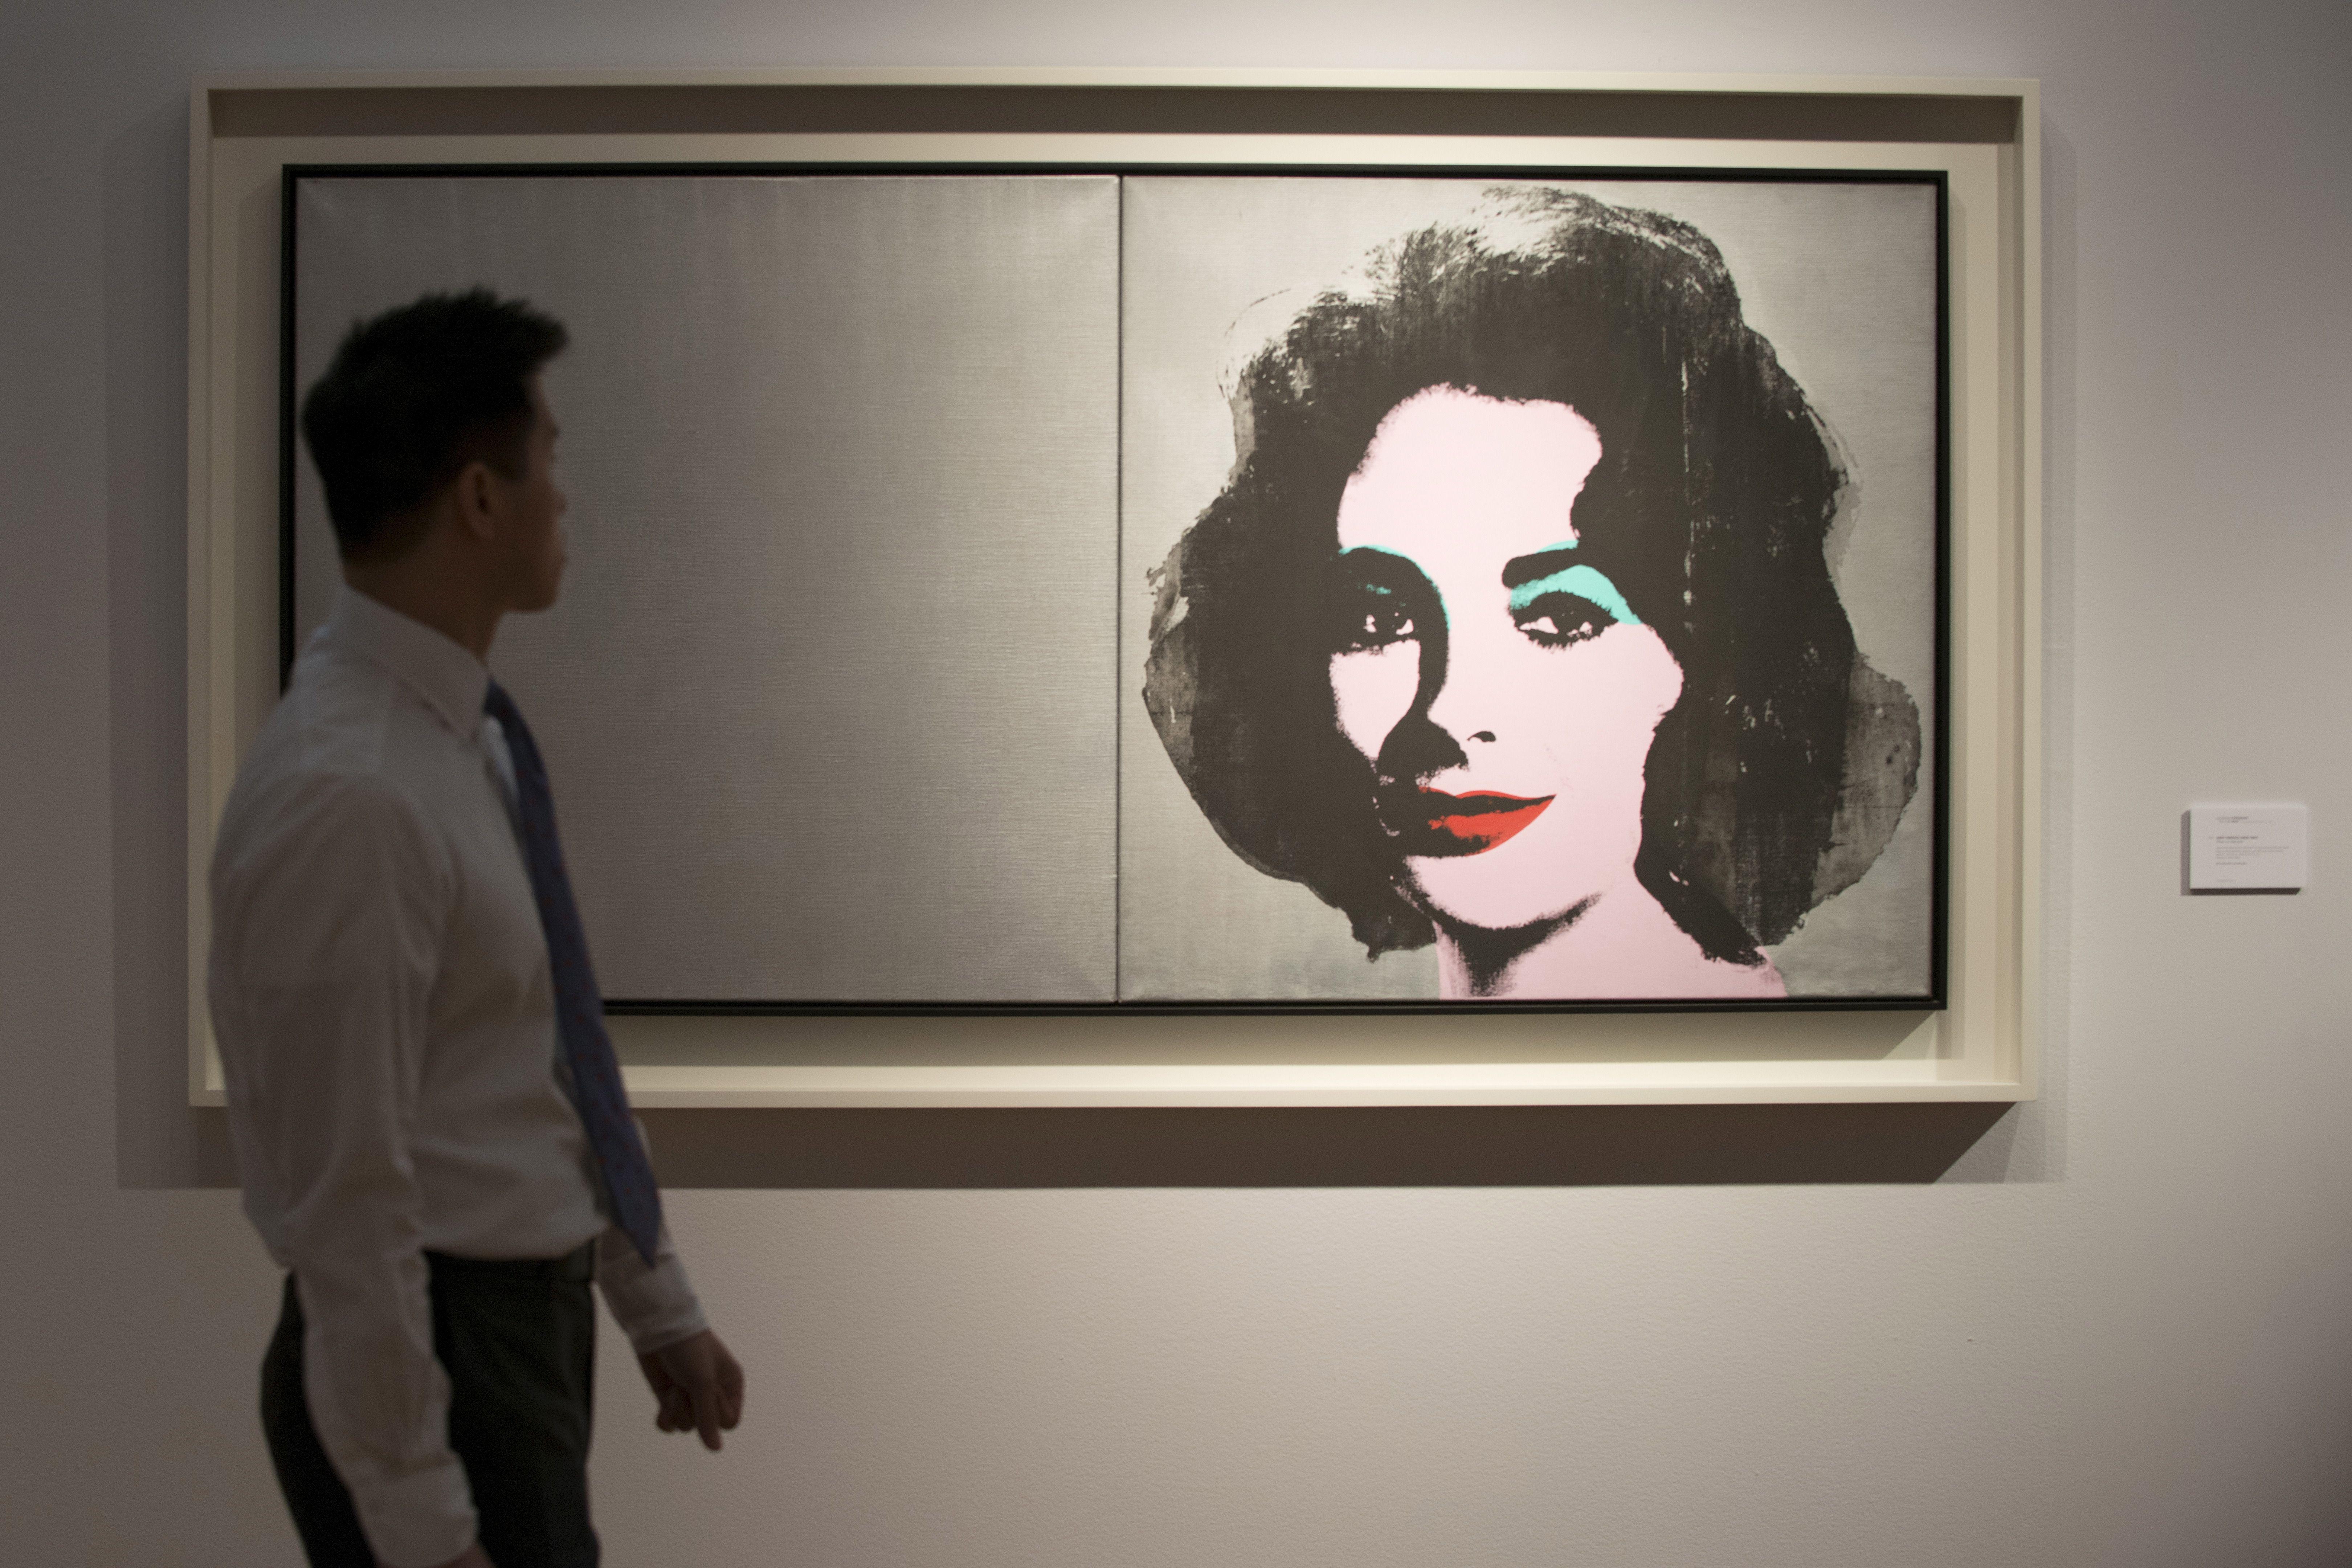 Un homme passe devant une oeuvre d'Andy Warhol.